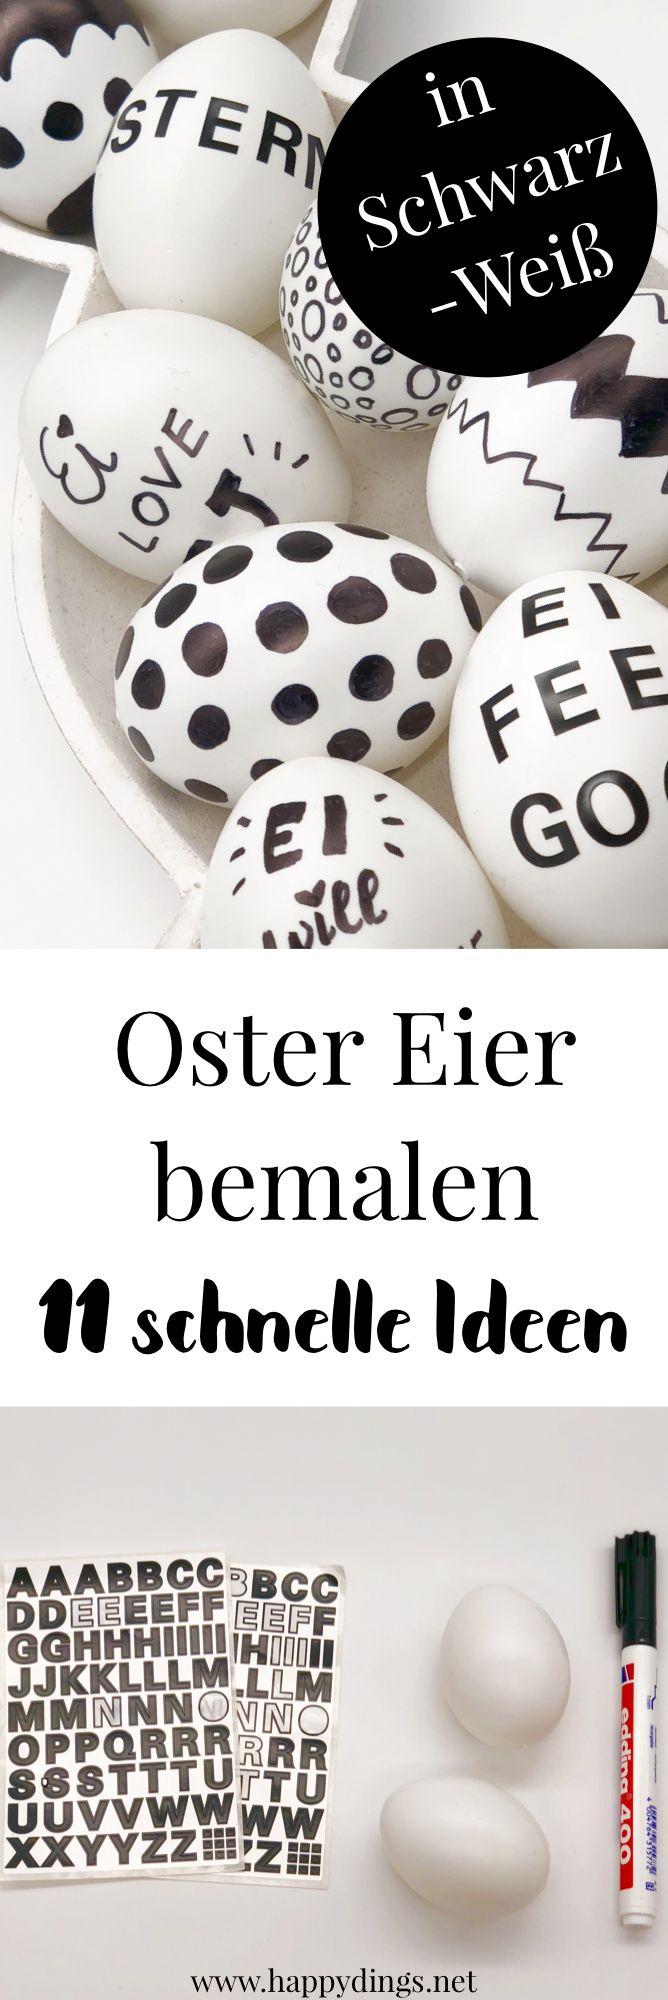 Osterdeko selber machen – Ostereier bemalen in schwarz-weiß